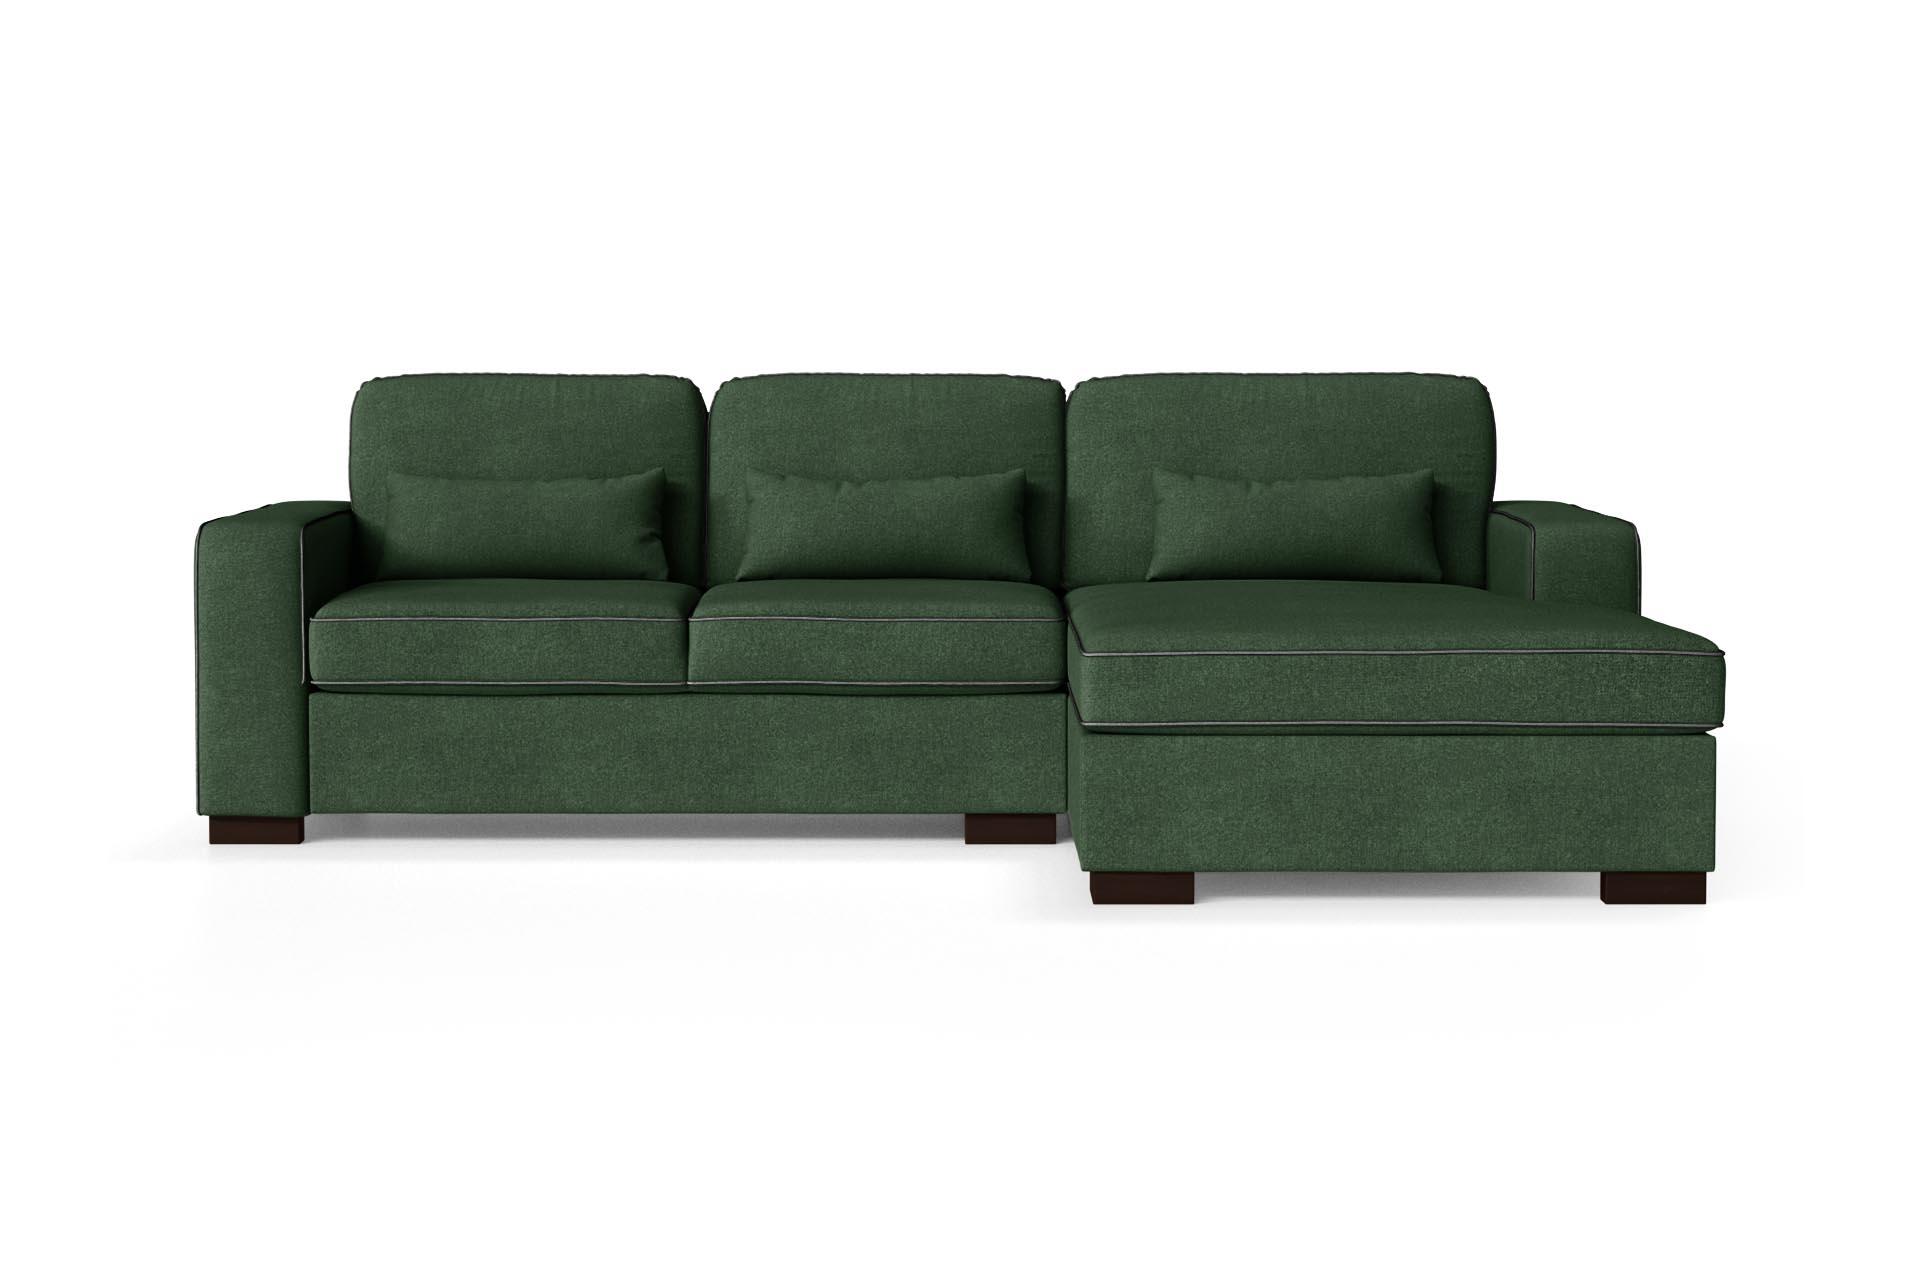 Canapé d'angle droit 4 places toucher coton vert bouteille/anthracite